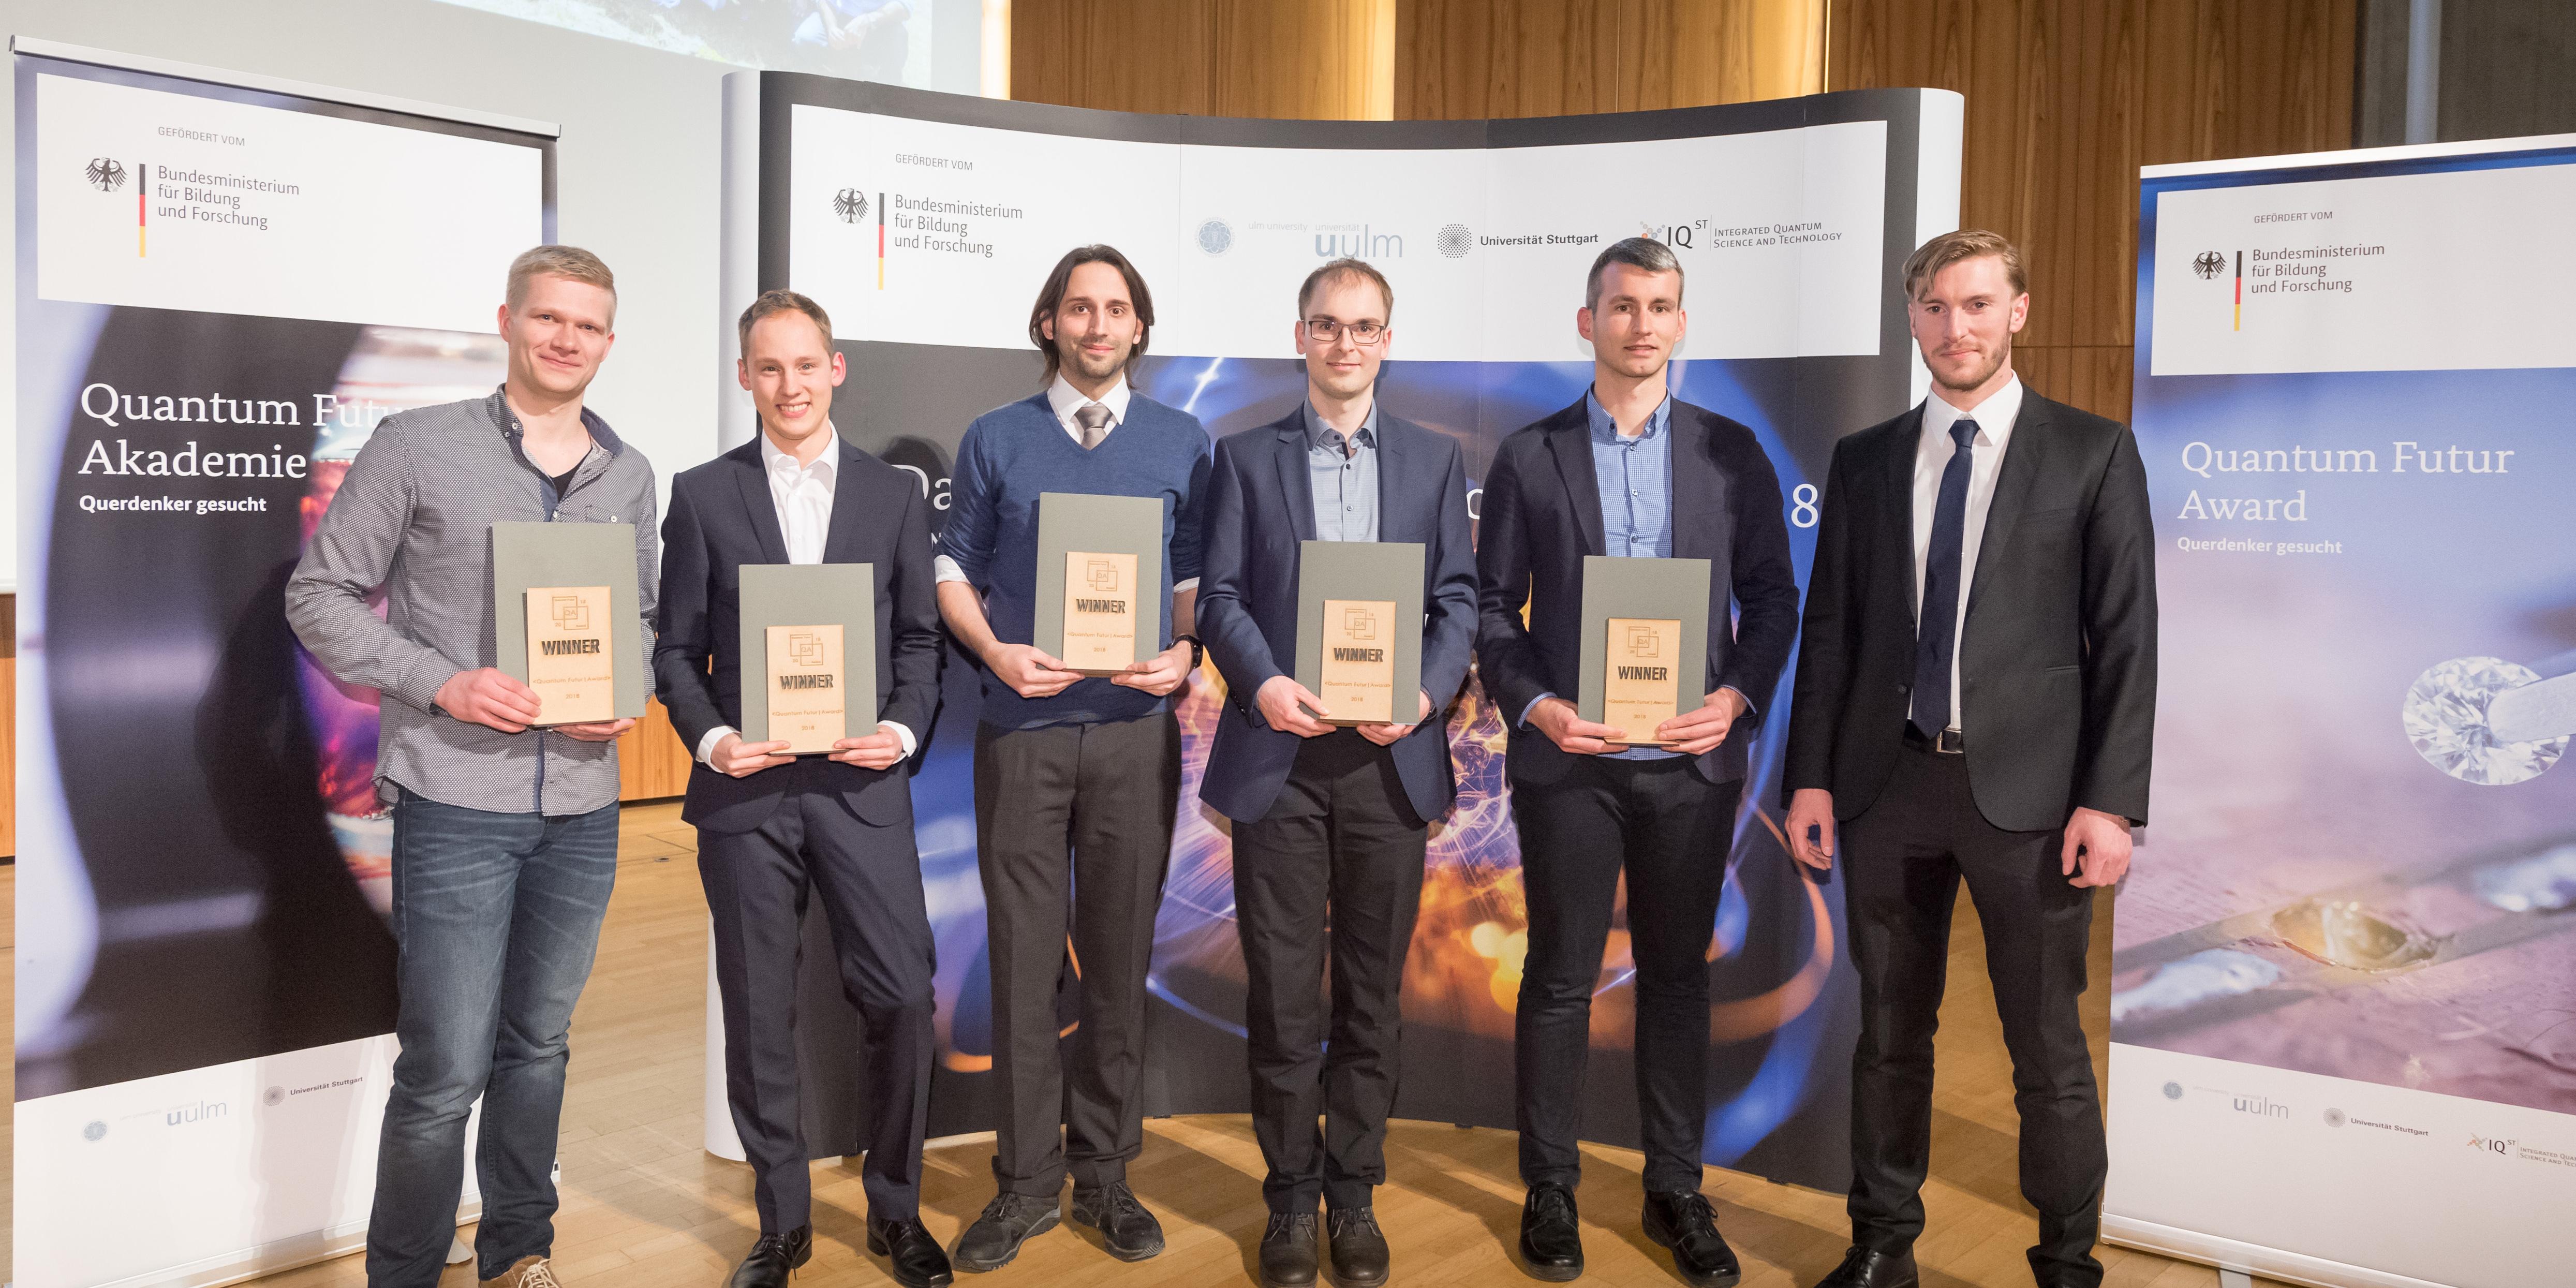 Bild der Quantum Futur-Award Gewinner mit Benedikt Weiler vom BMBF